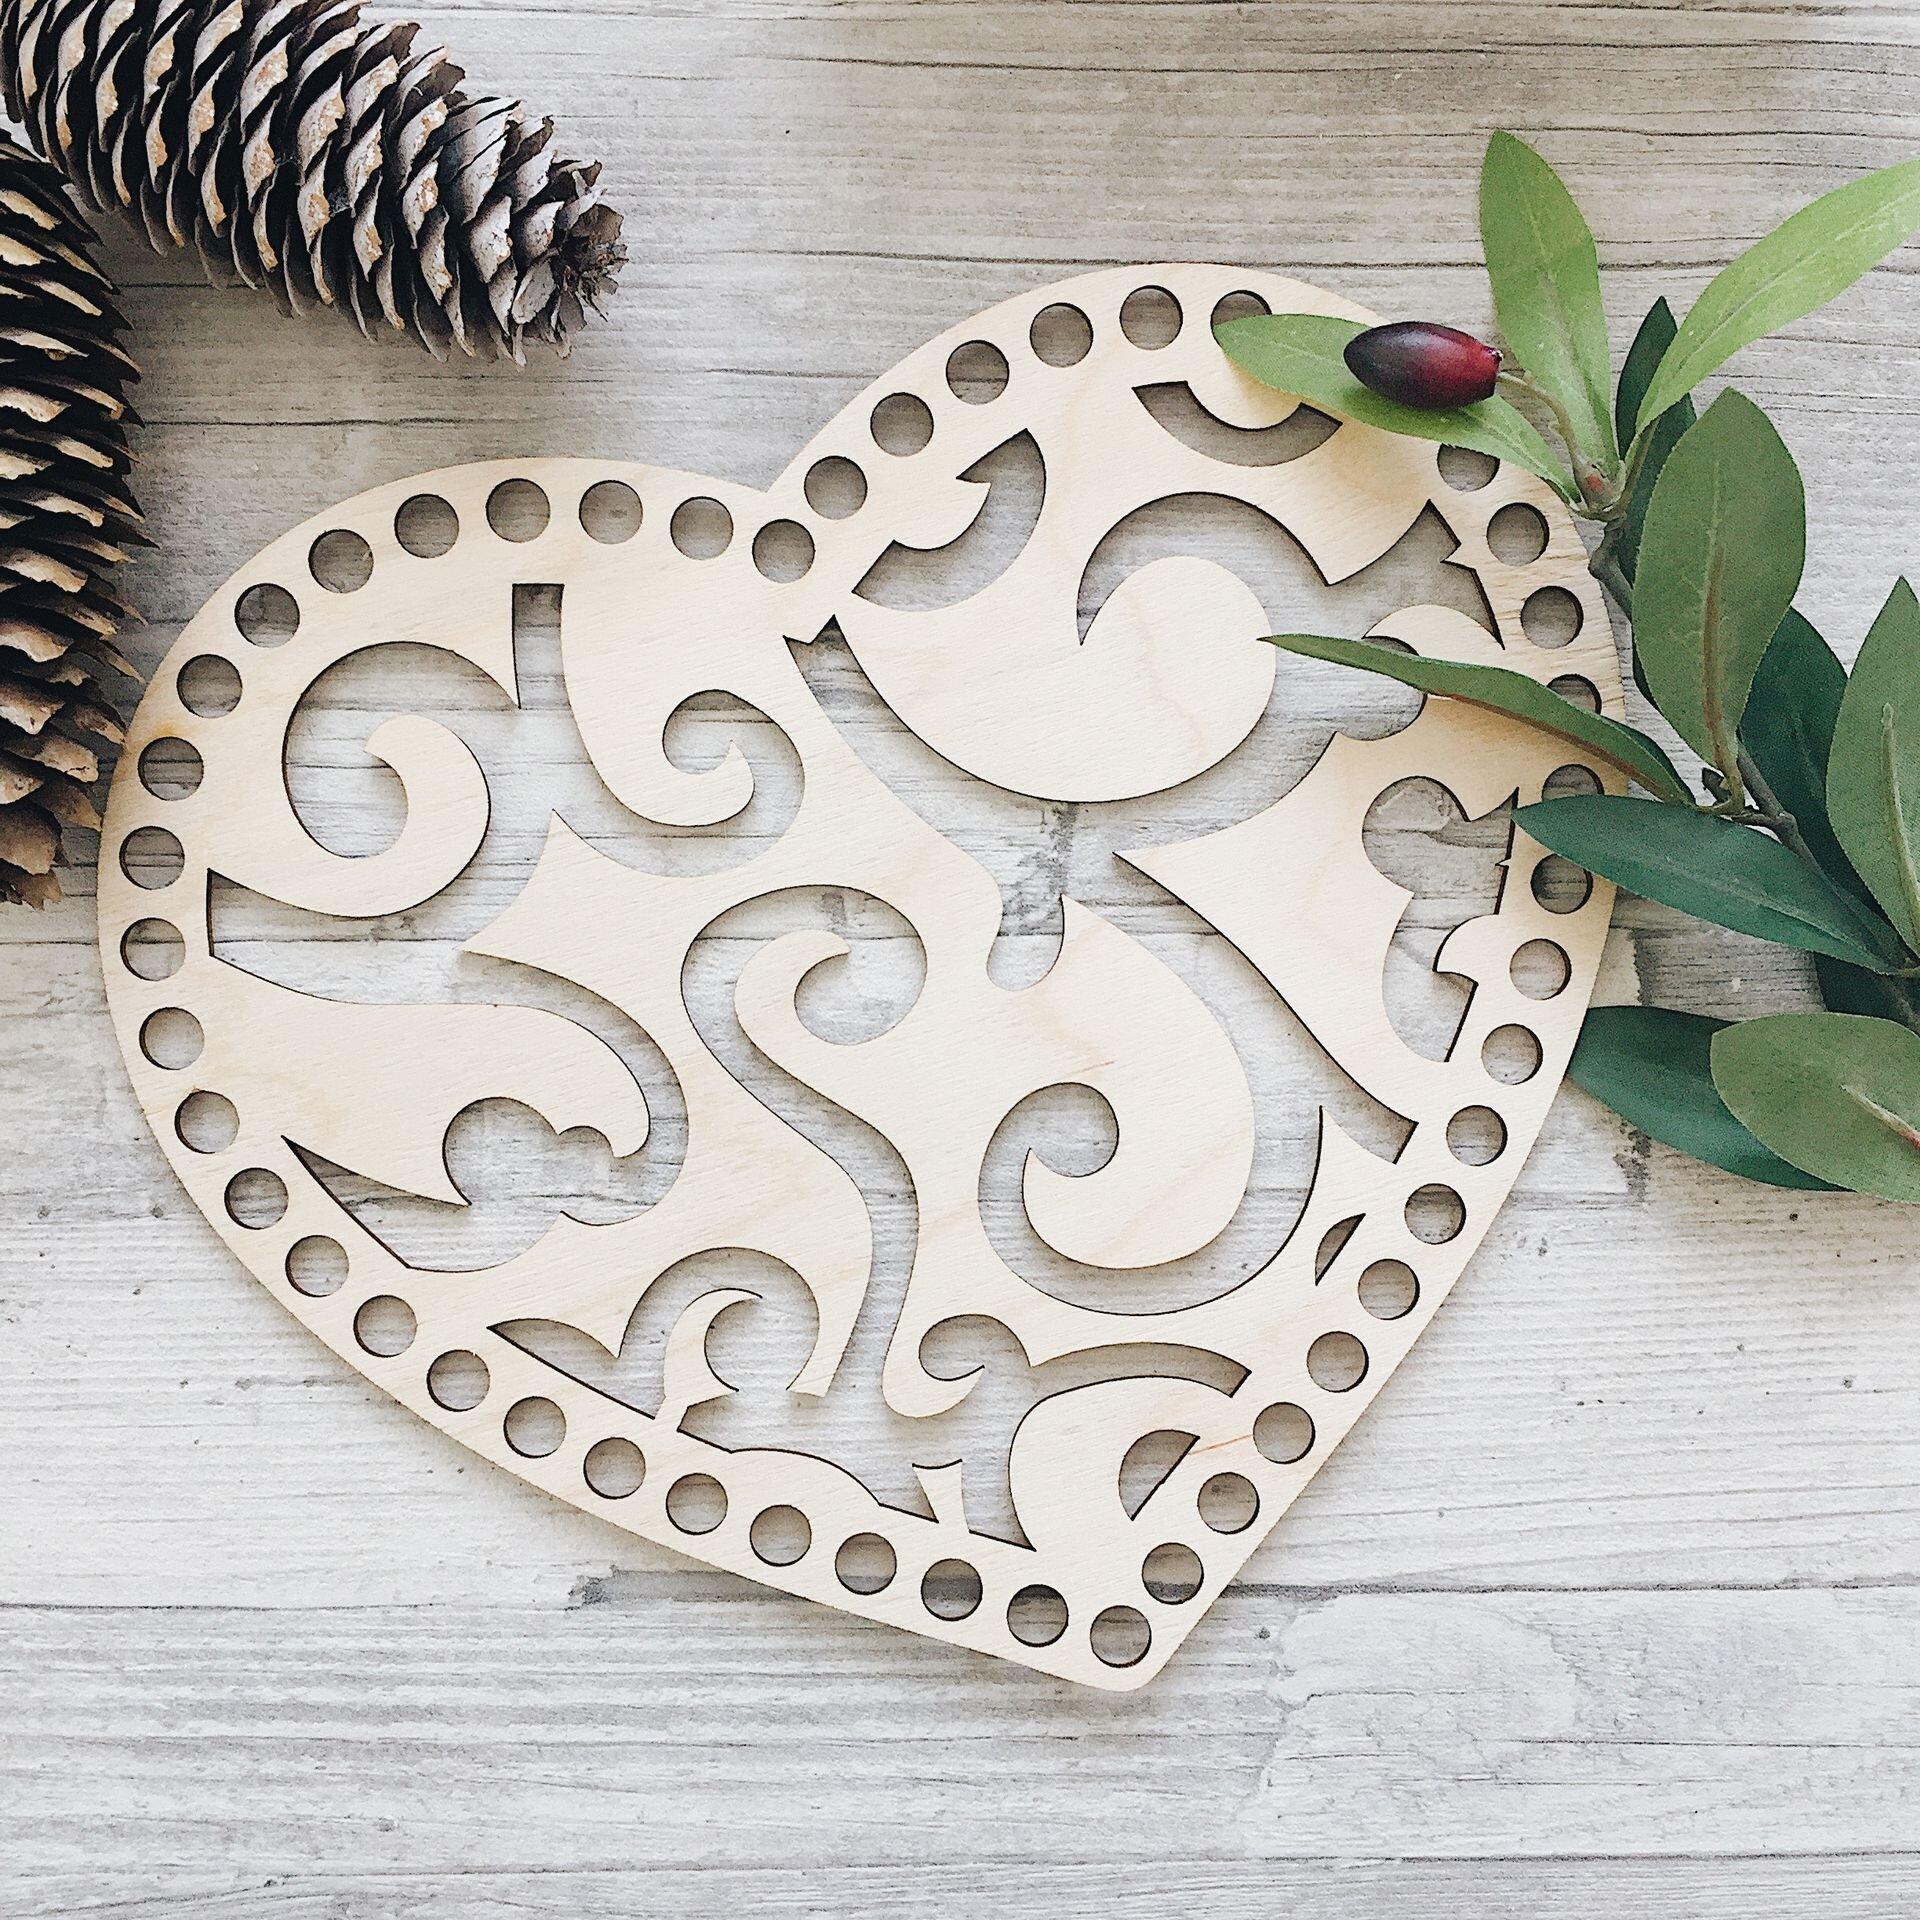 Деревянная резная крышка для корзинки,  сердце 30х26см - фото pic_f9c4f5e0e551640_1920x9000_1.jpg